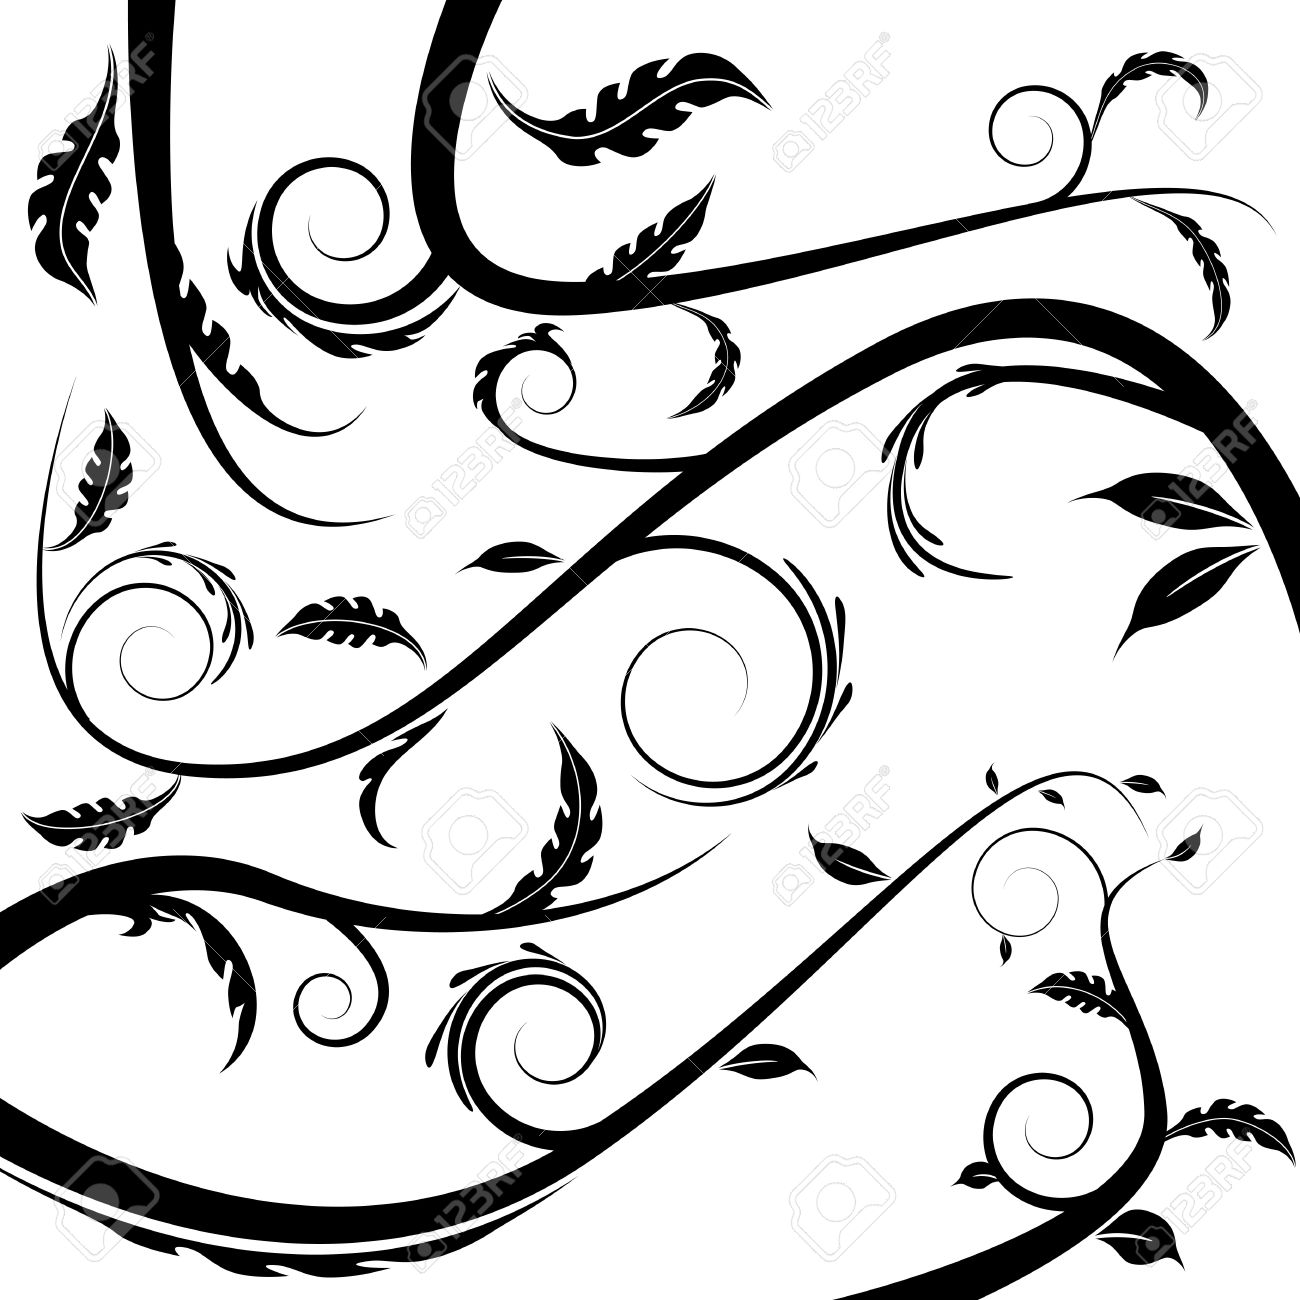 Una Imagen De Una Enredadera De Flores. Ilustraciones Vectoriales.